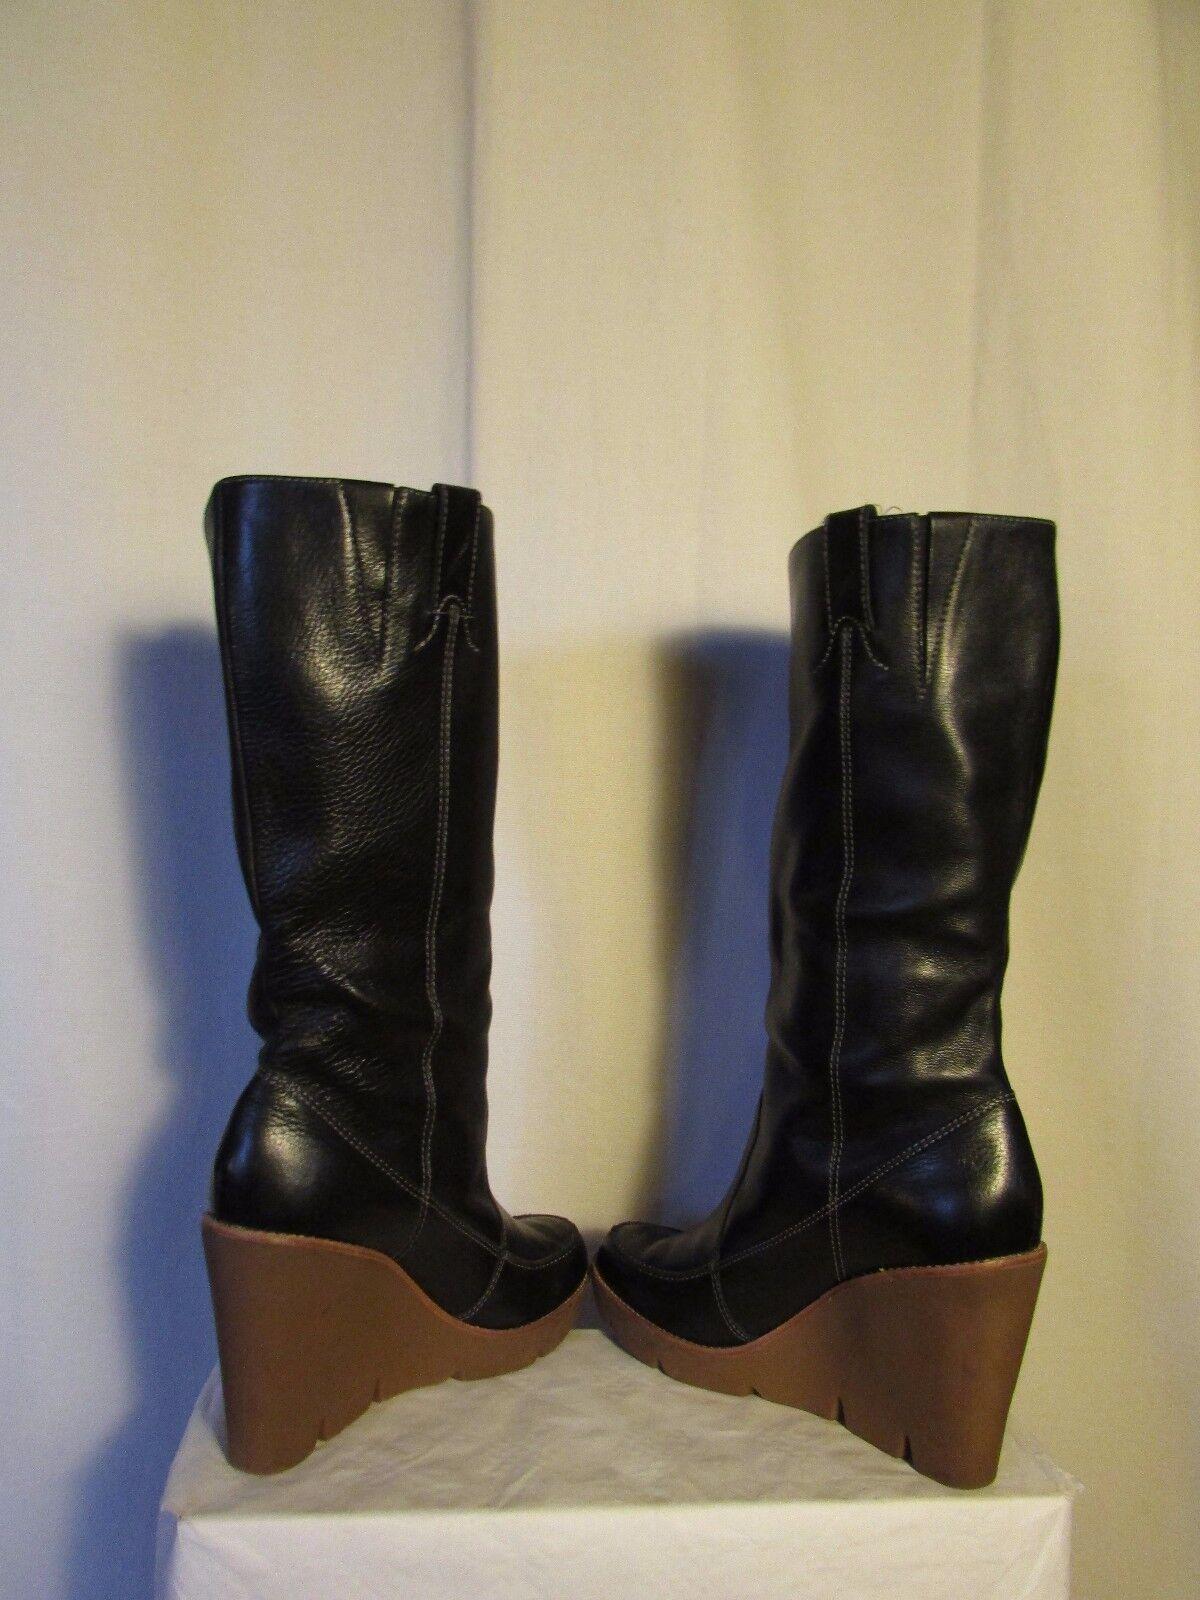 Stiefel Leder Keil Mickael kors schwarzes Leder Stiefel Größe 9W 53f2e5